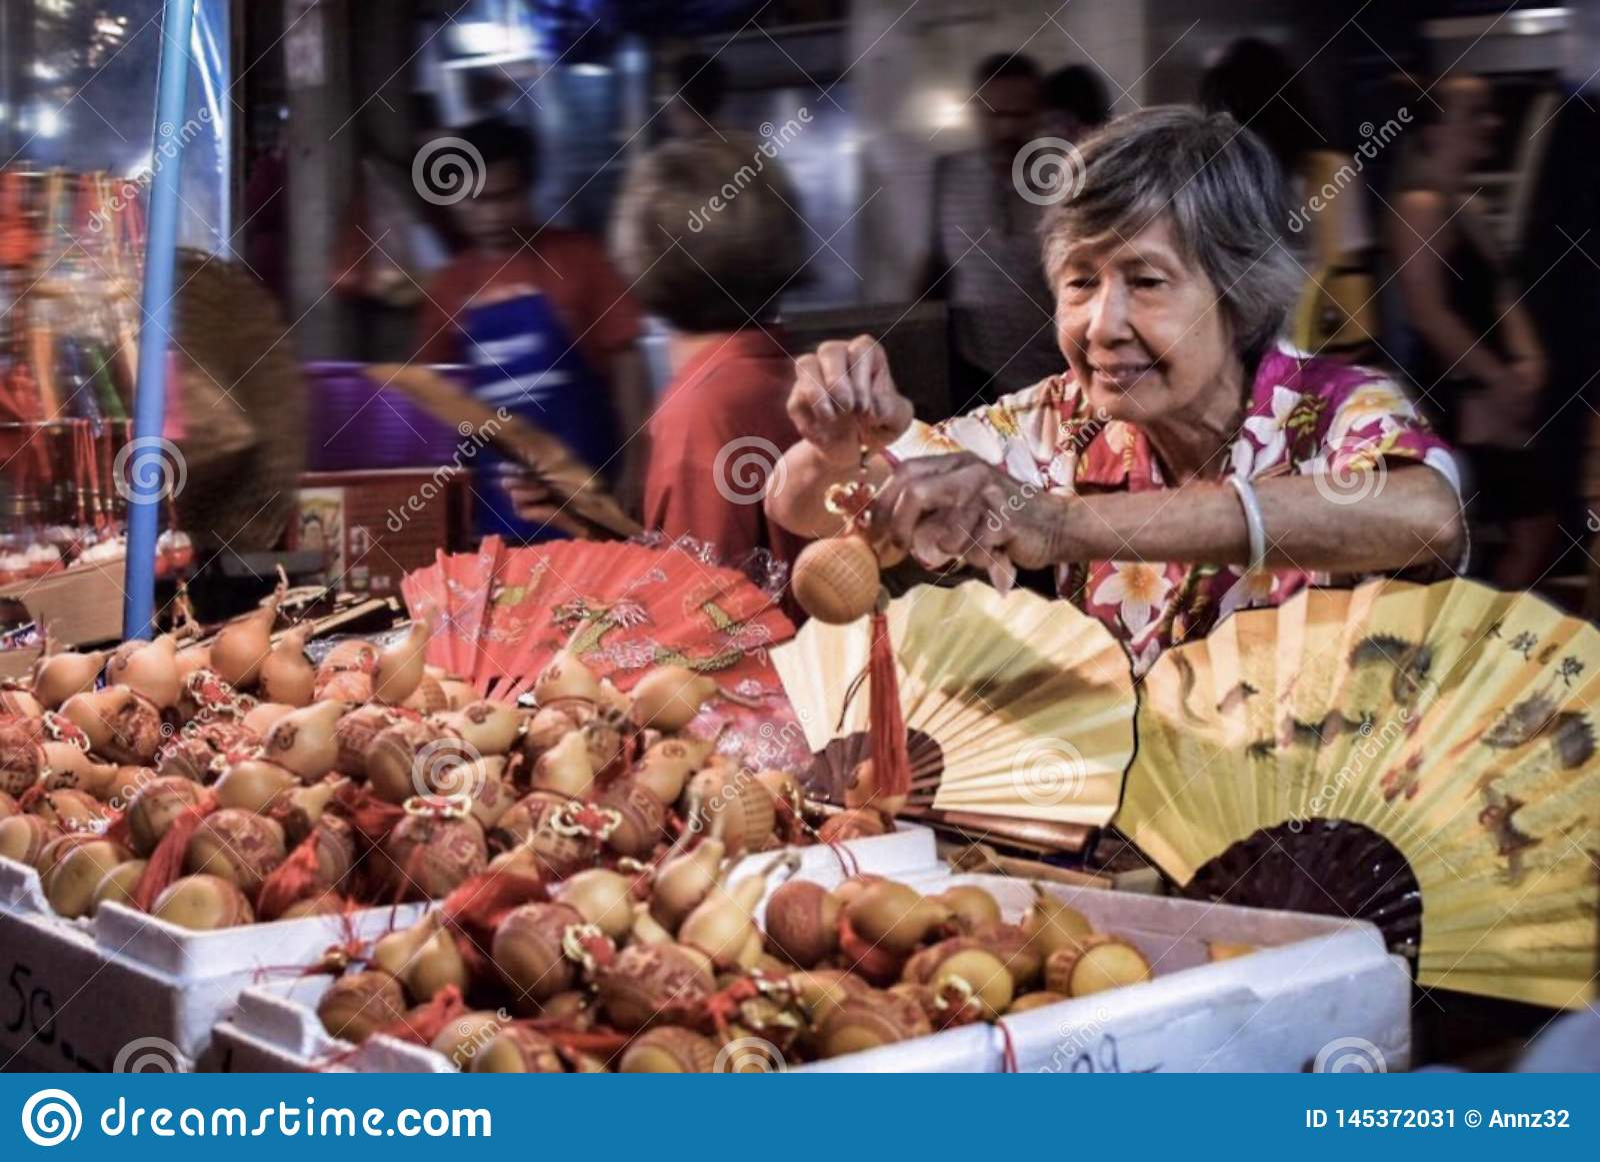 Eine identifizierte Frau verkauft Kalebassen